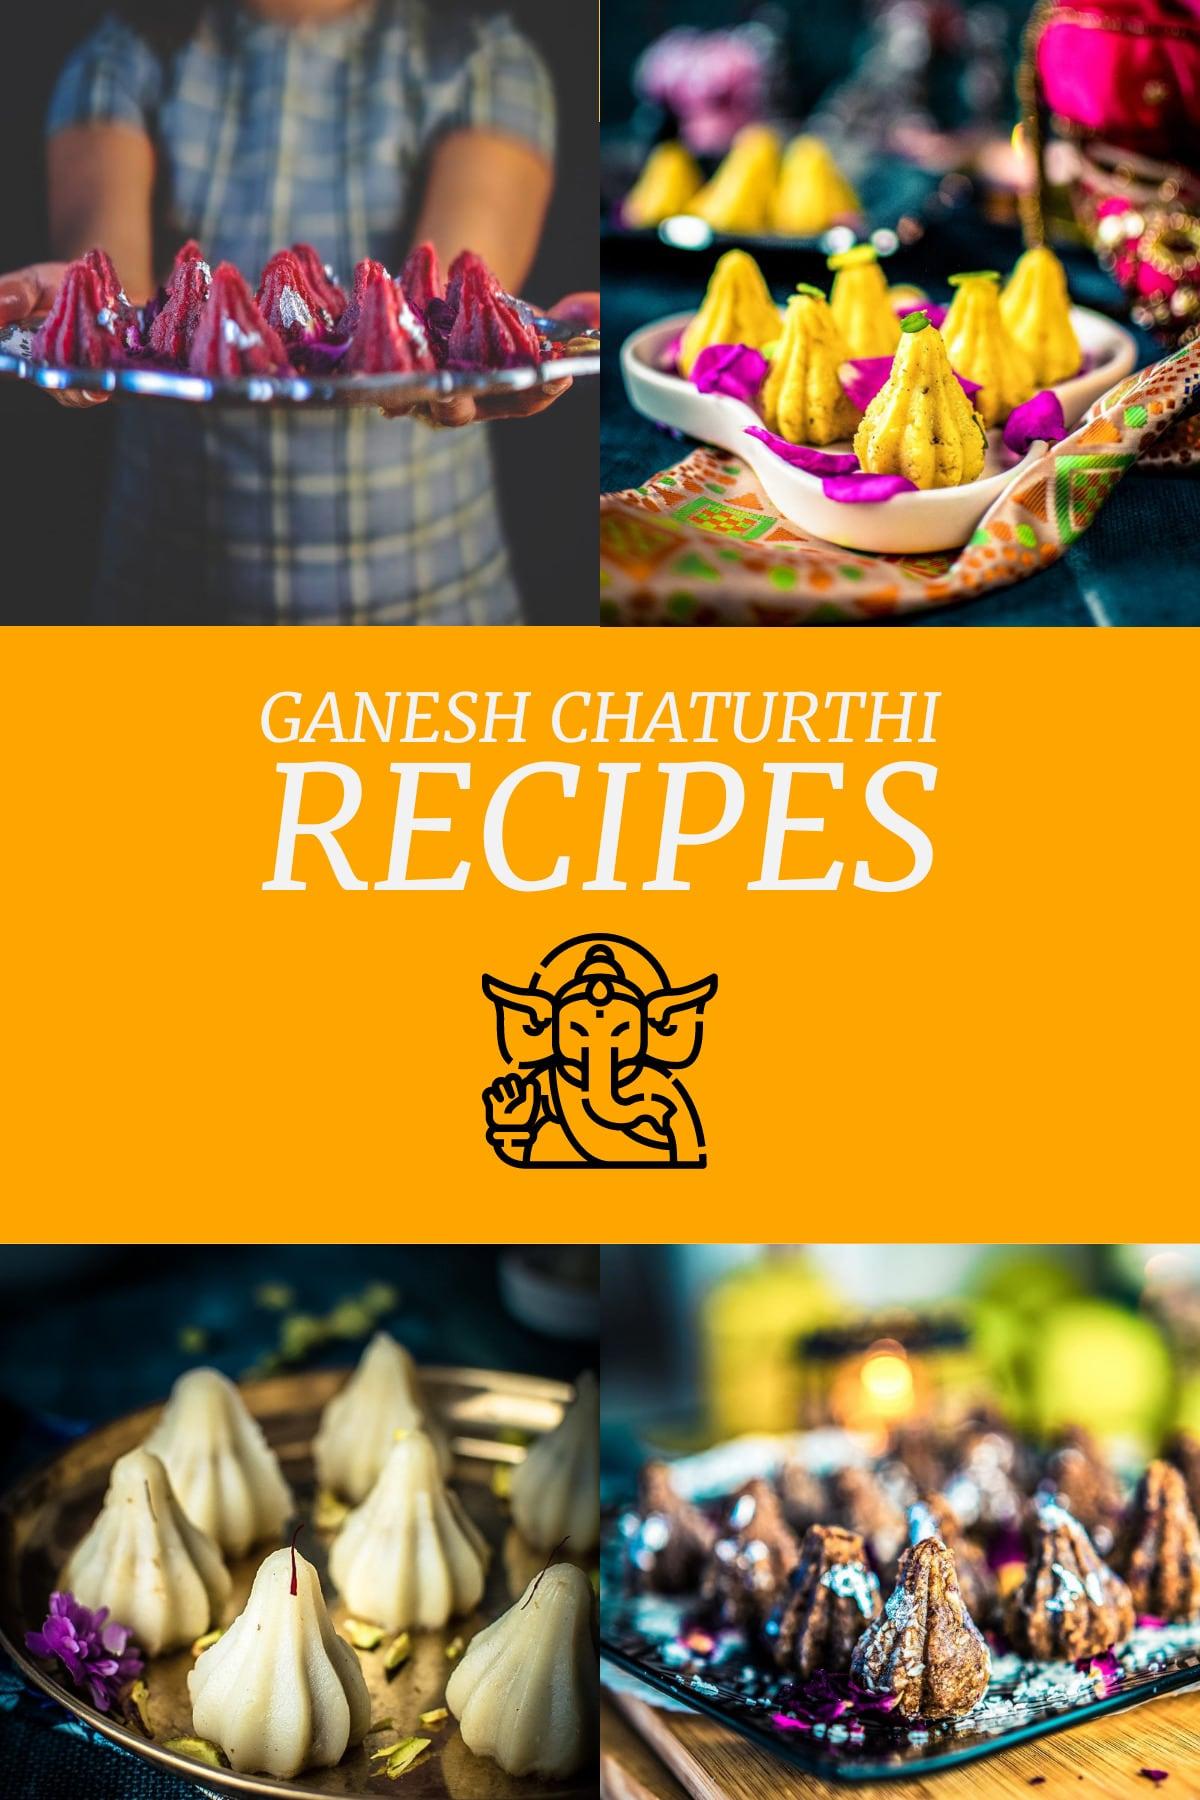 Image of Ganesh Chaturthi Recipes Vinayaka Chaturthi Recipes